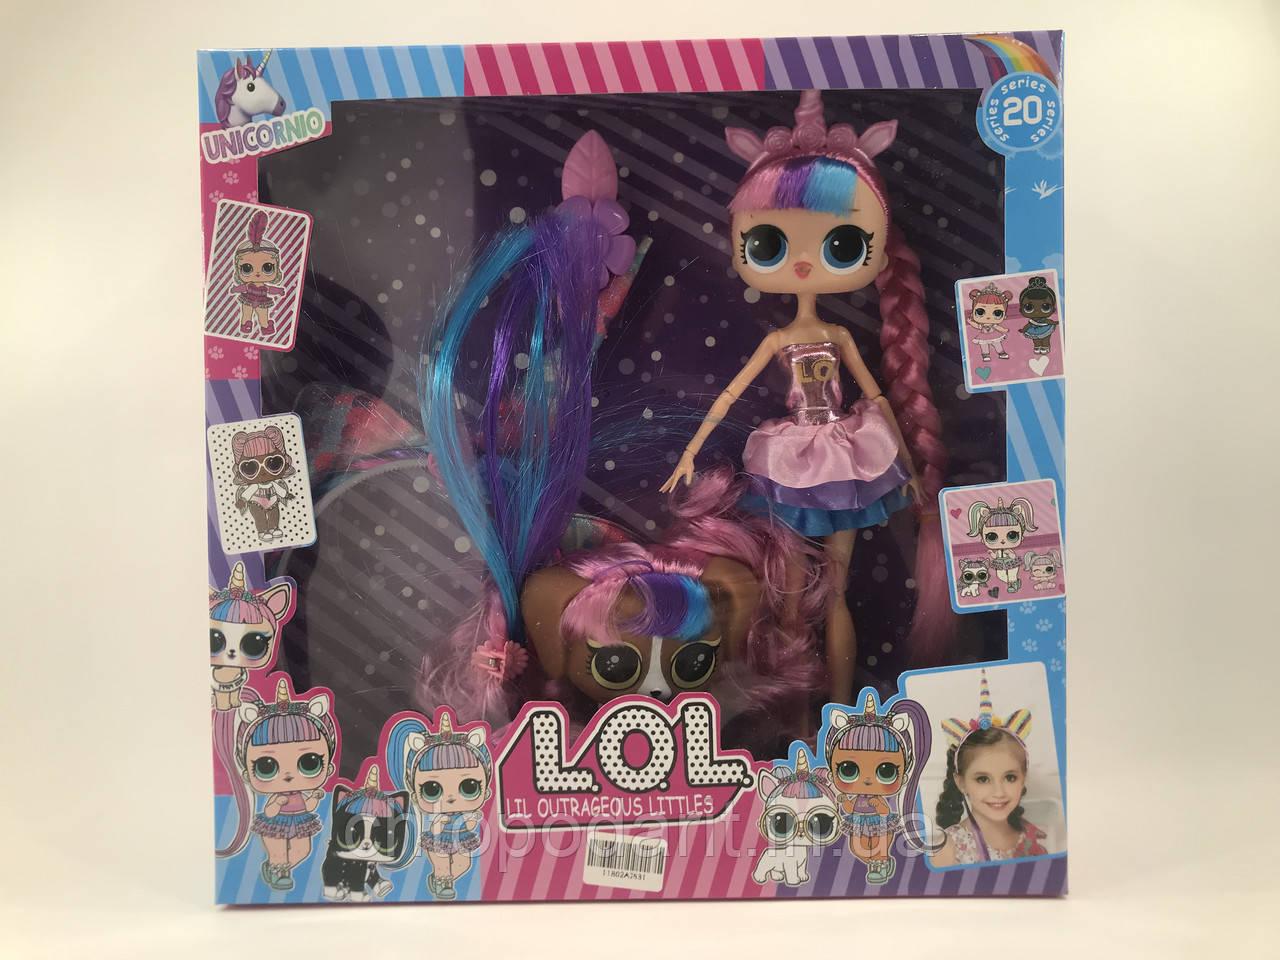 L.O.L LiL Otrageous Littels кукла Лол и питомец с волосами